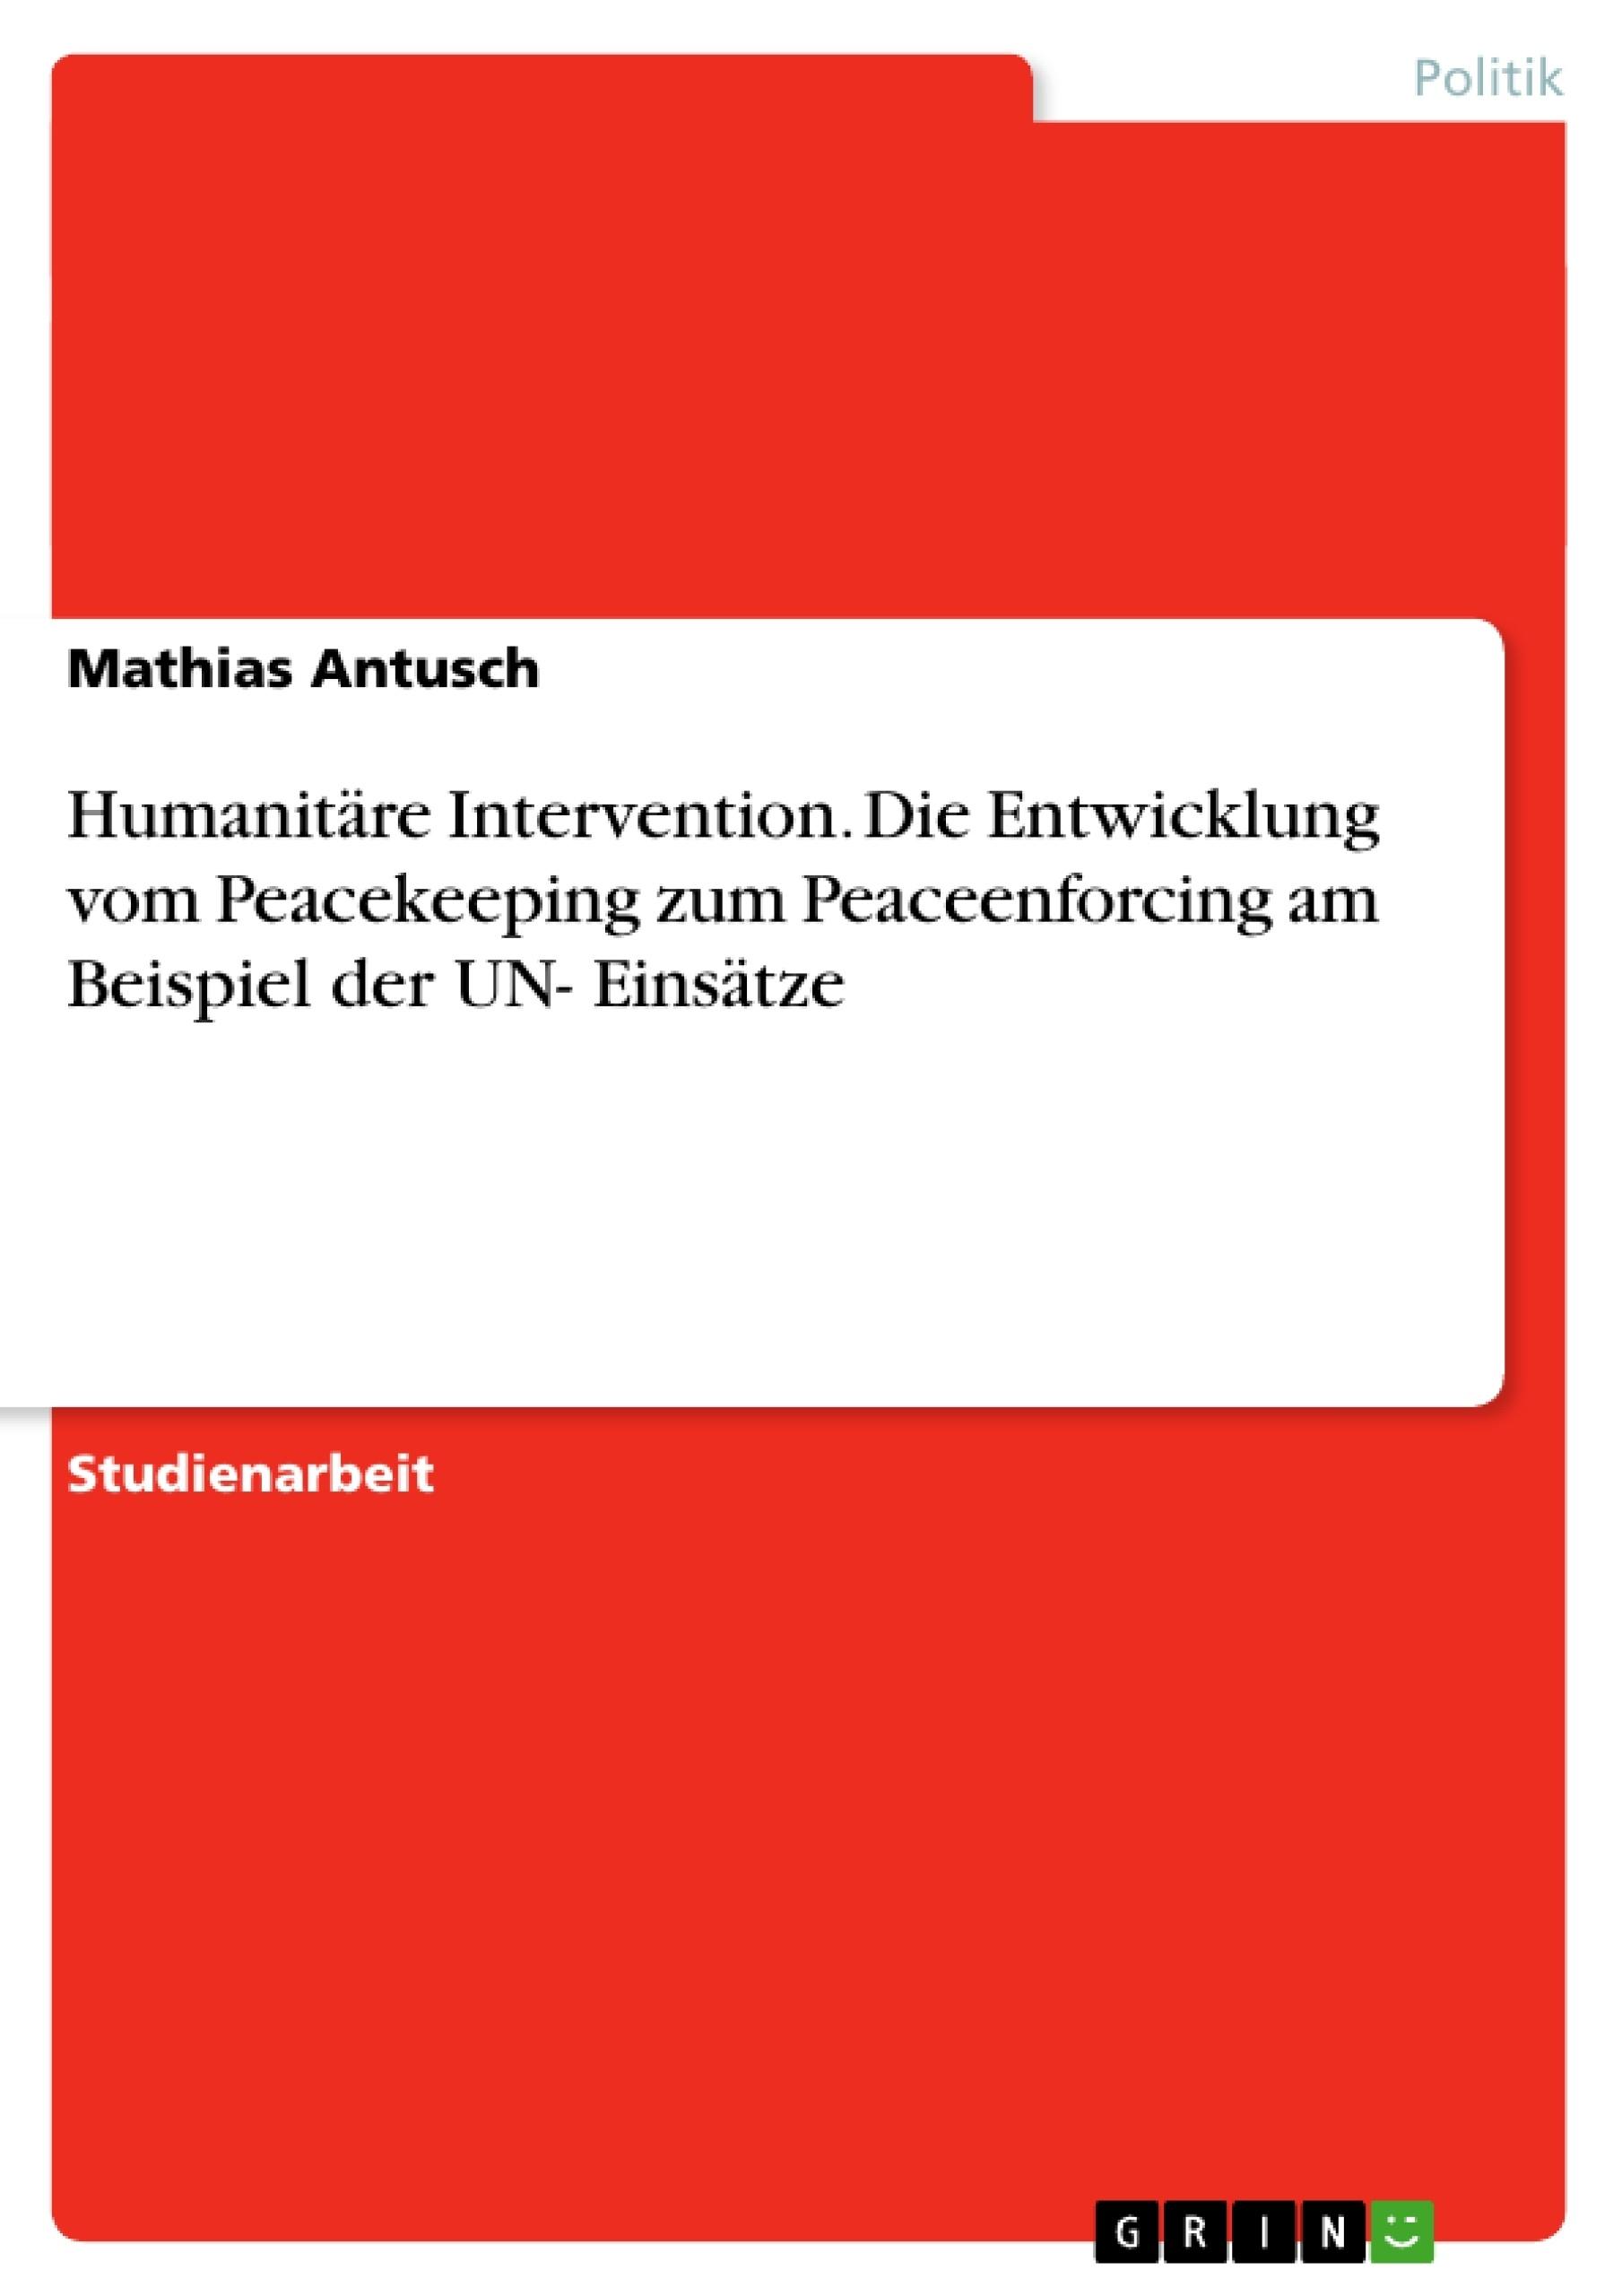 Titel: Humanitäre Intervention. Die Entwicklung vom Peacekeeping zum Peaceenforcing am Beispiel der UN- Einsätze